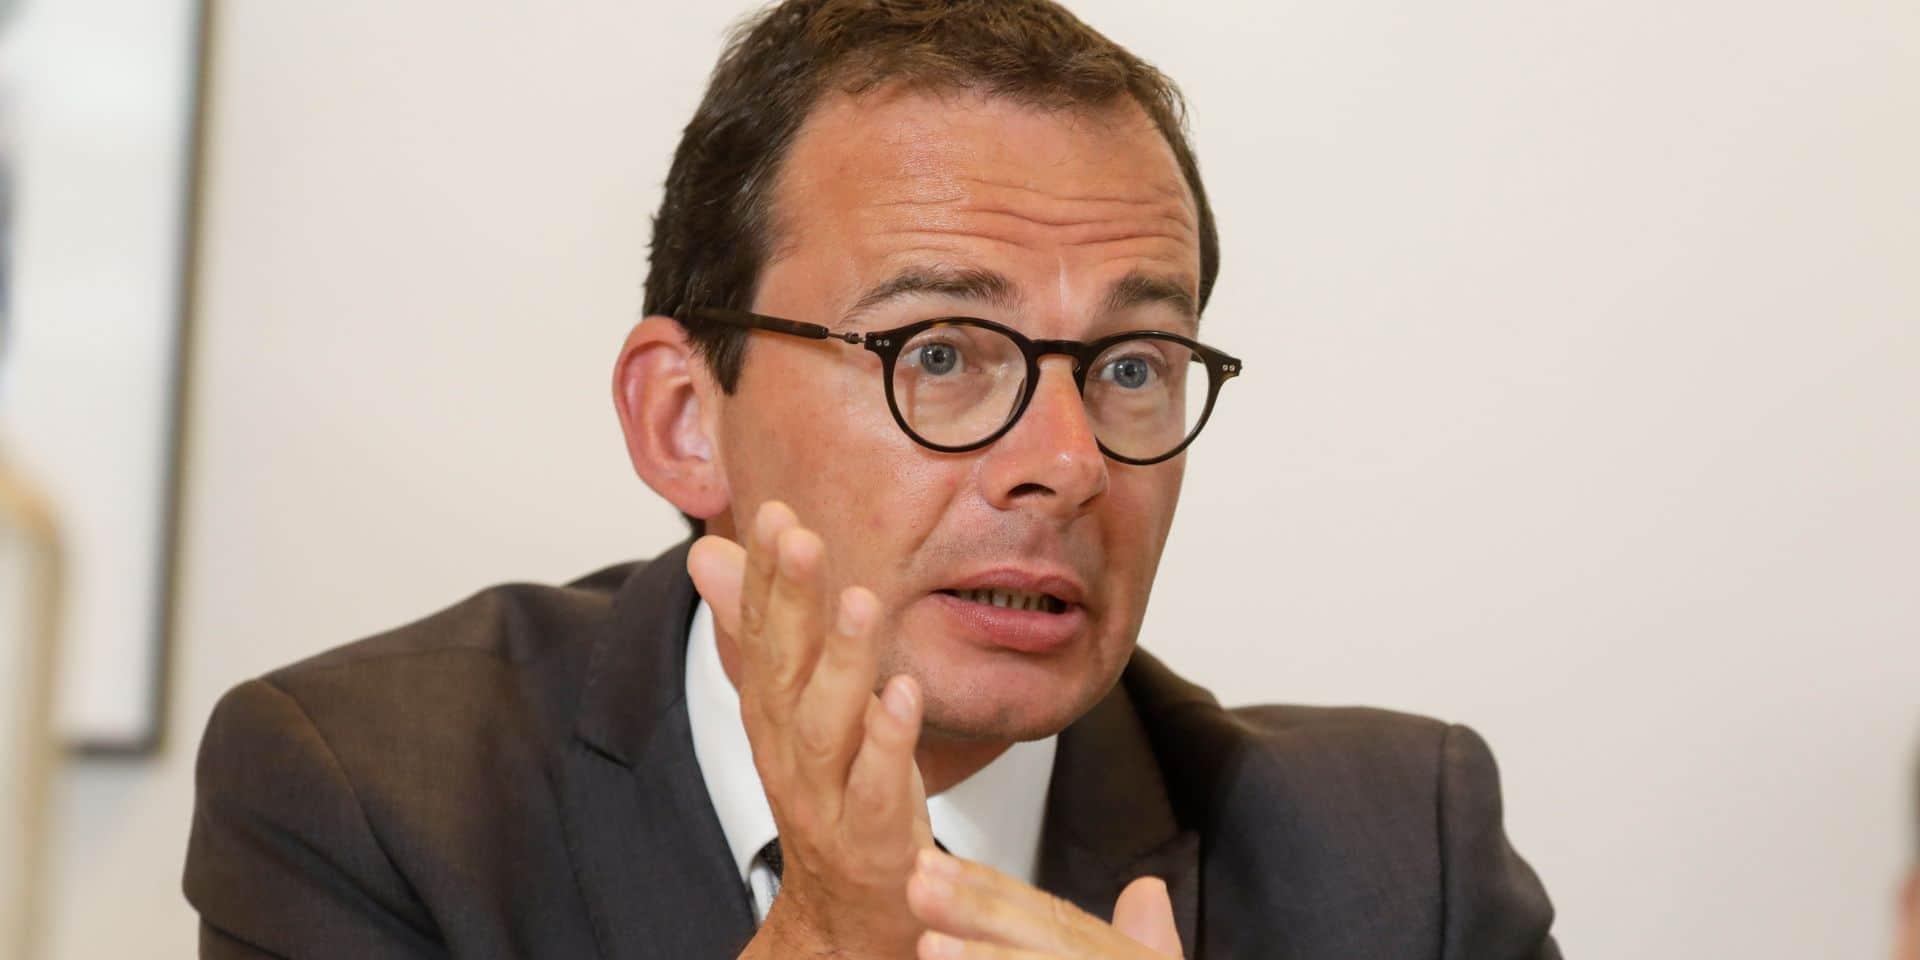 """Wouter Beke """"n'avalera pas comme ça"""" la note d'intention de Bart de Wever"""